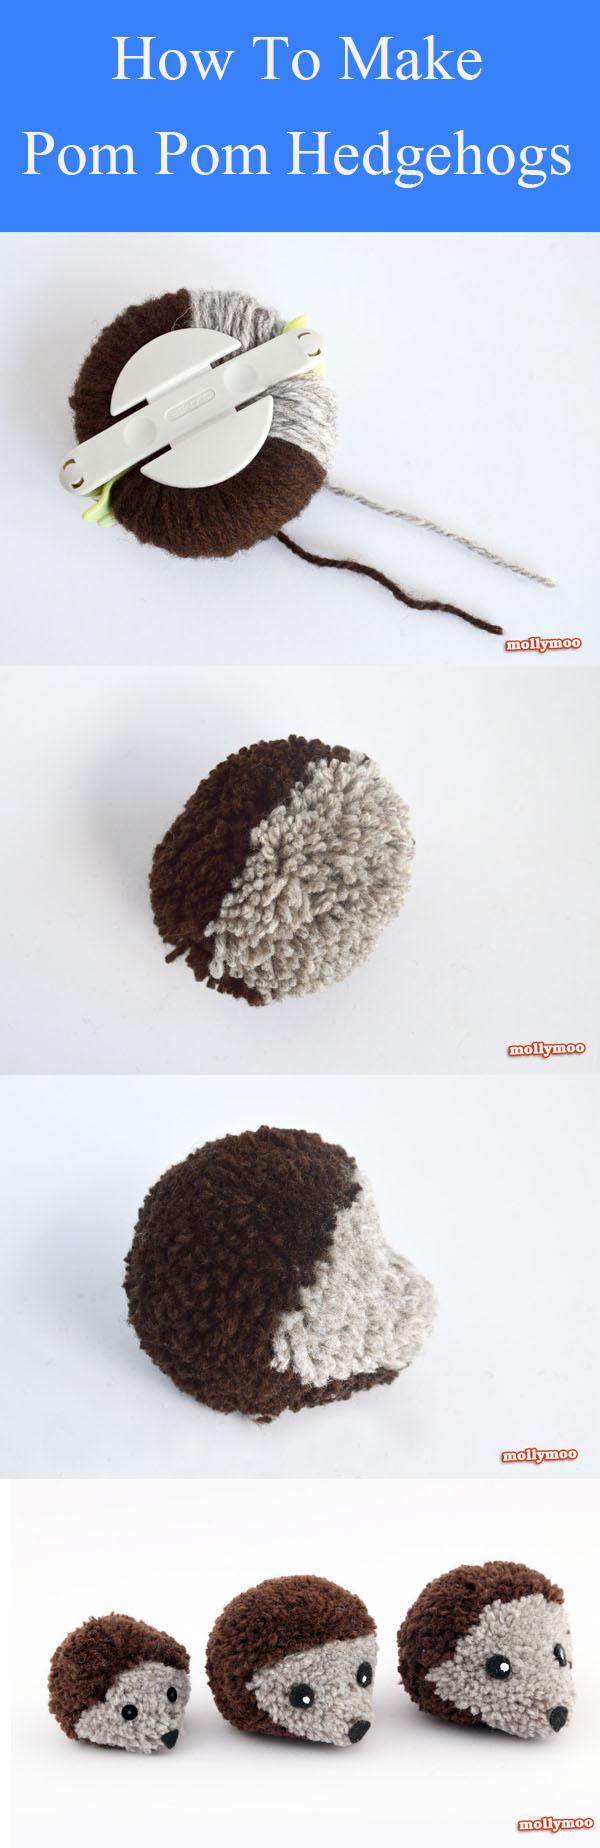 DIY Pom Pom Hedgehogs